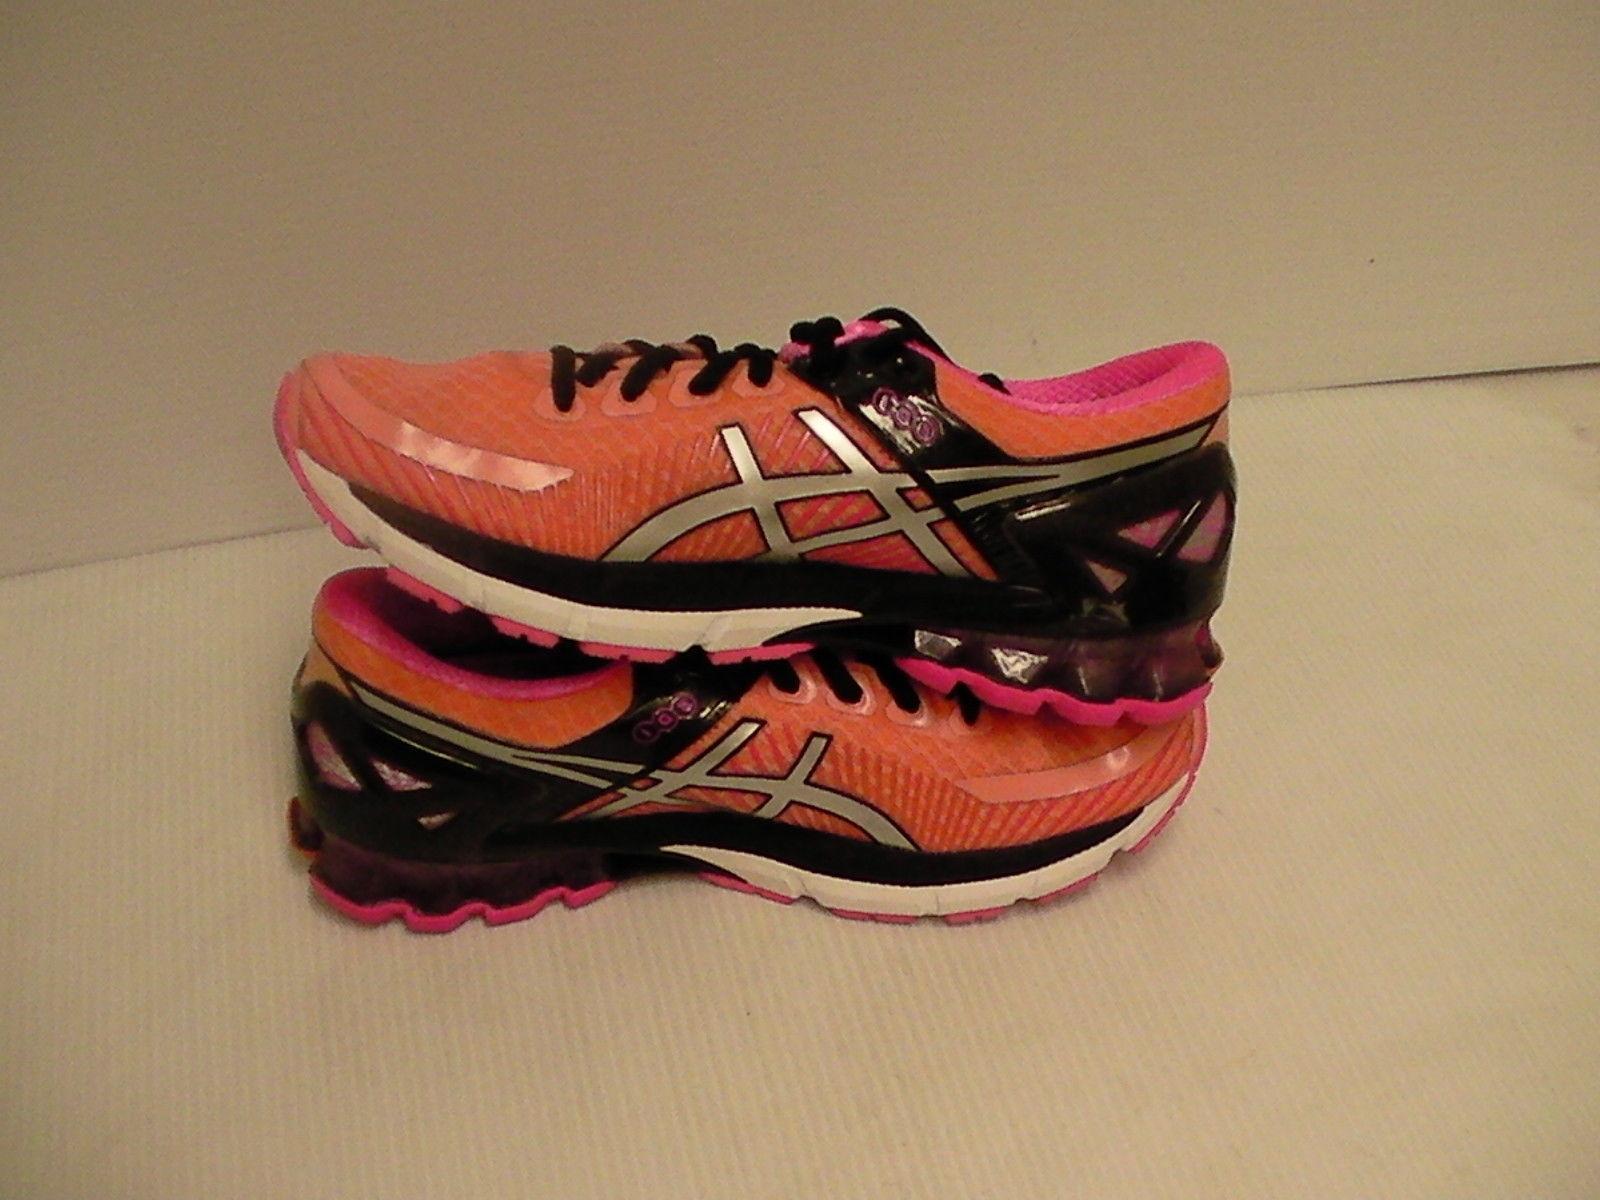 Asics similaires chaussures kinsei de course pour femmes gel chaussures kinsei 6 et 50 articles similaires 1eb6e40 - sbsgrp.website